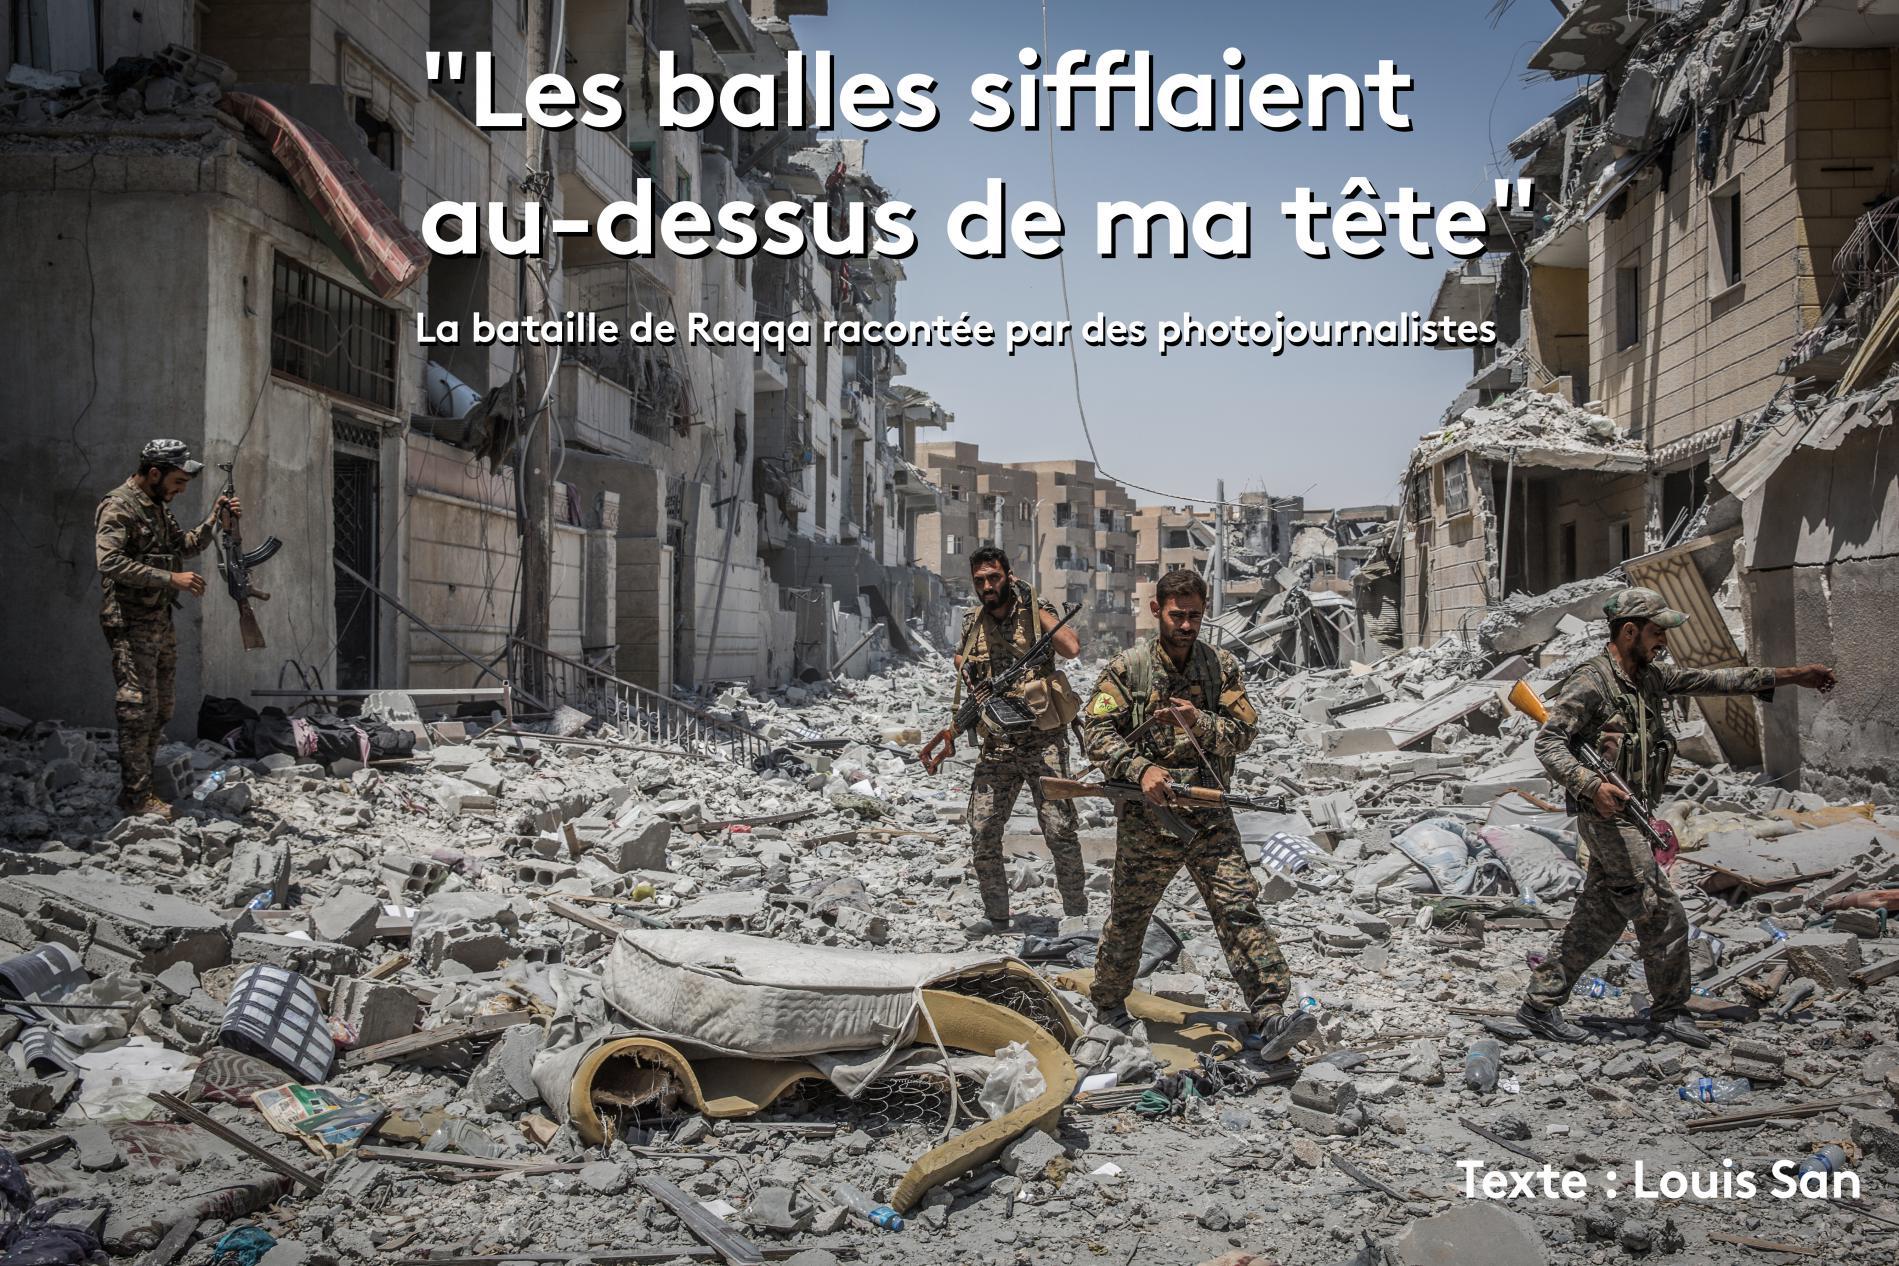 Des combattants des Forces démocratiques syriennes dans le quartier Al-Dariya de Raqqa (Syrie), le 24 juillet 2017.